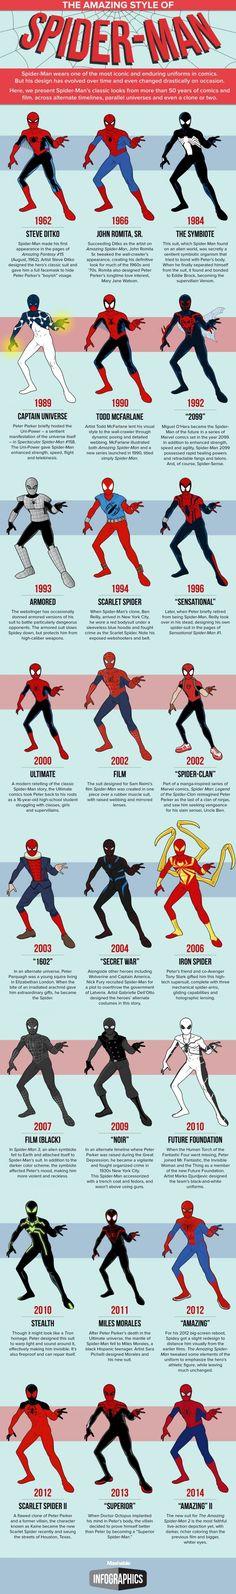 Todos los trajes de Spider-man, en una imagen - Retro en Hobbyconsolas.com